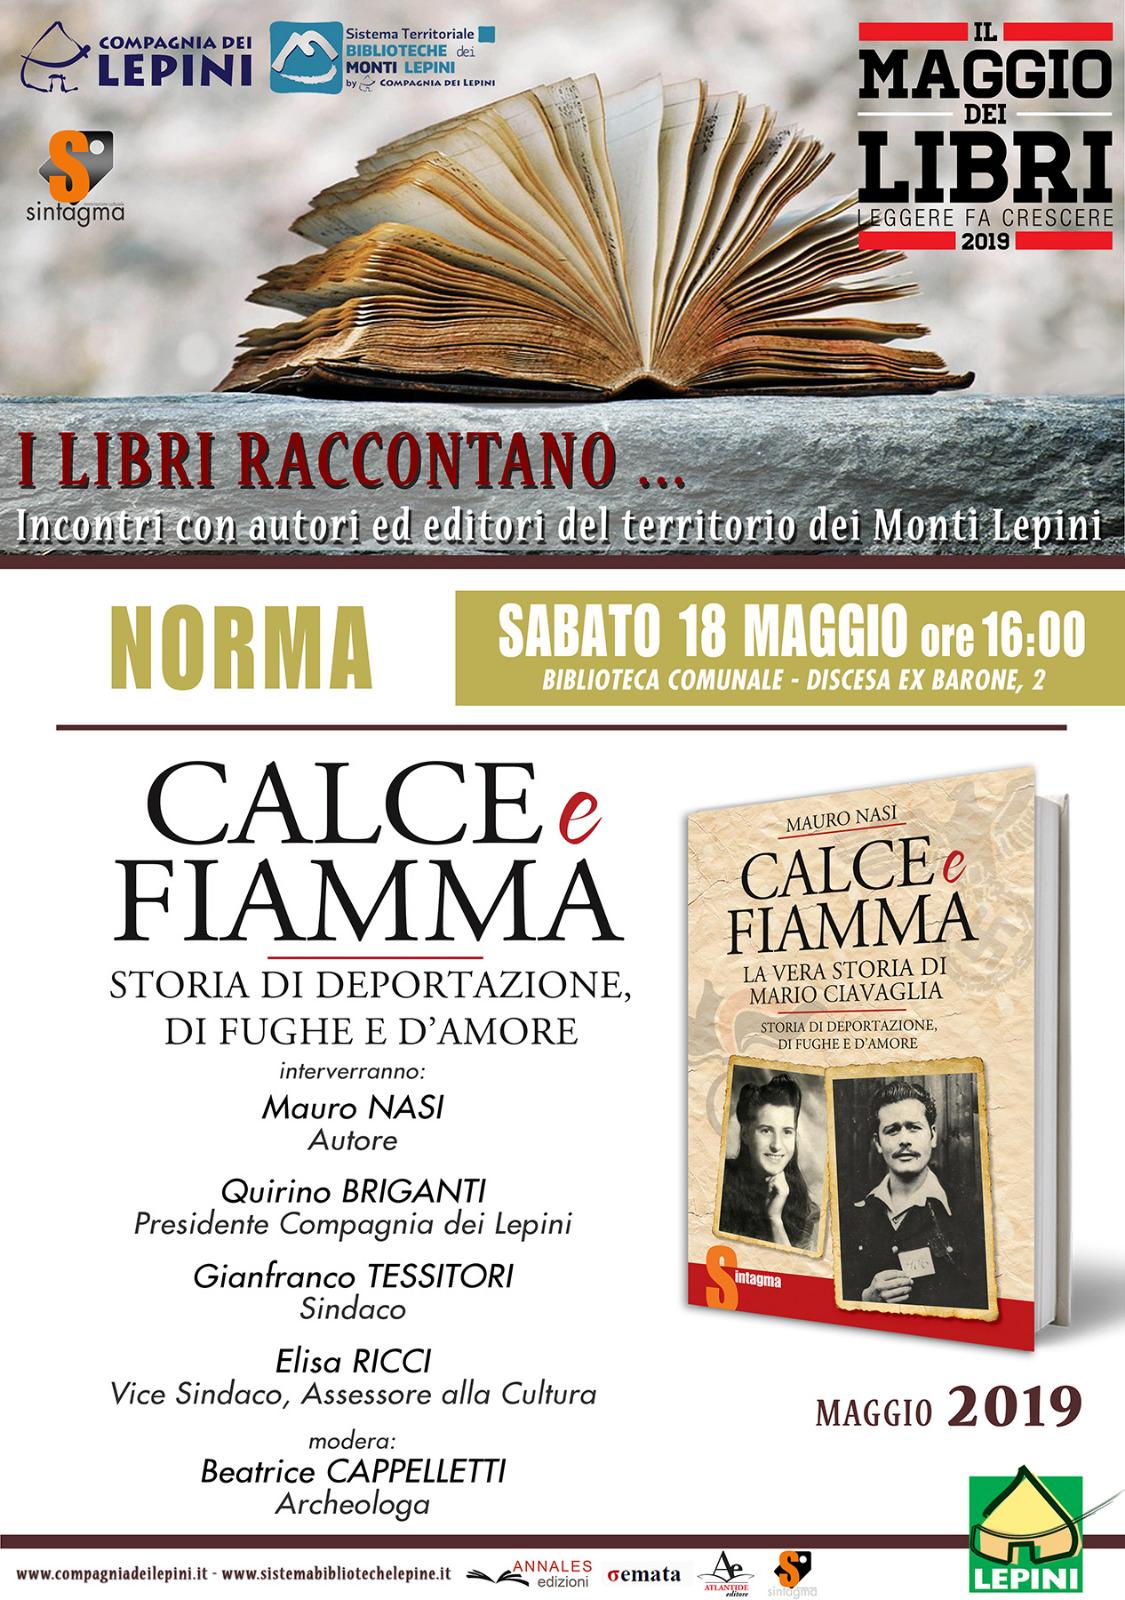 NORMA, IL MAGGIO DEI LIBRI: CALCE E FIAMMA @ Biblioteca Comunale | Norma | Lazio | Italia